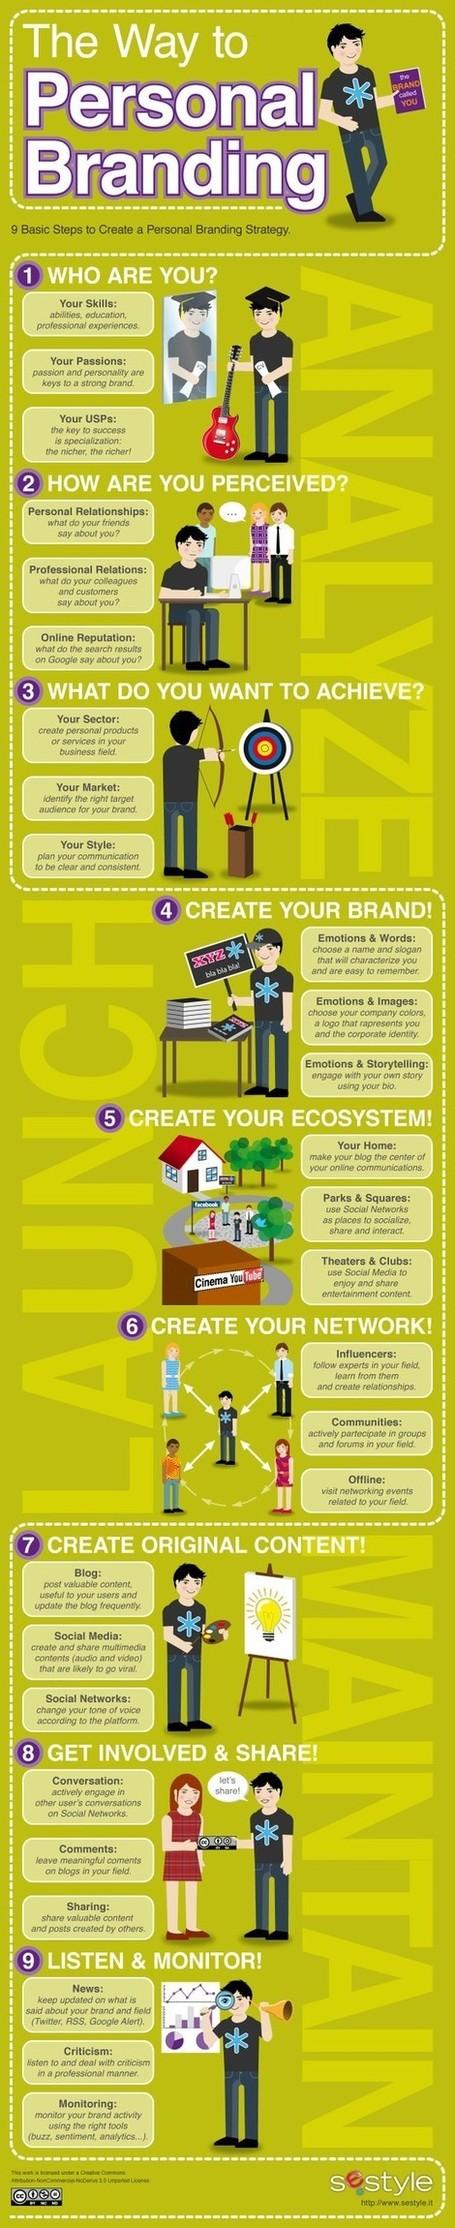 Les 9 étapes pour votre Personal Branding